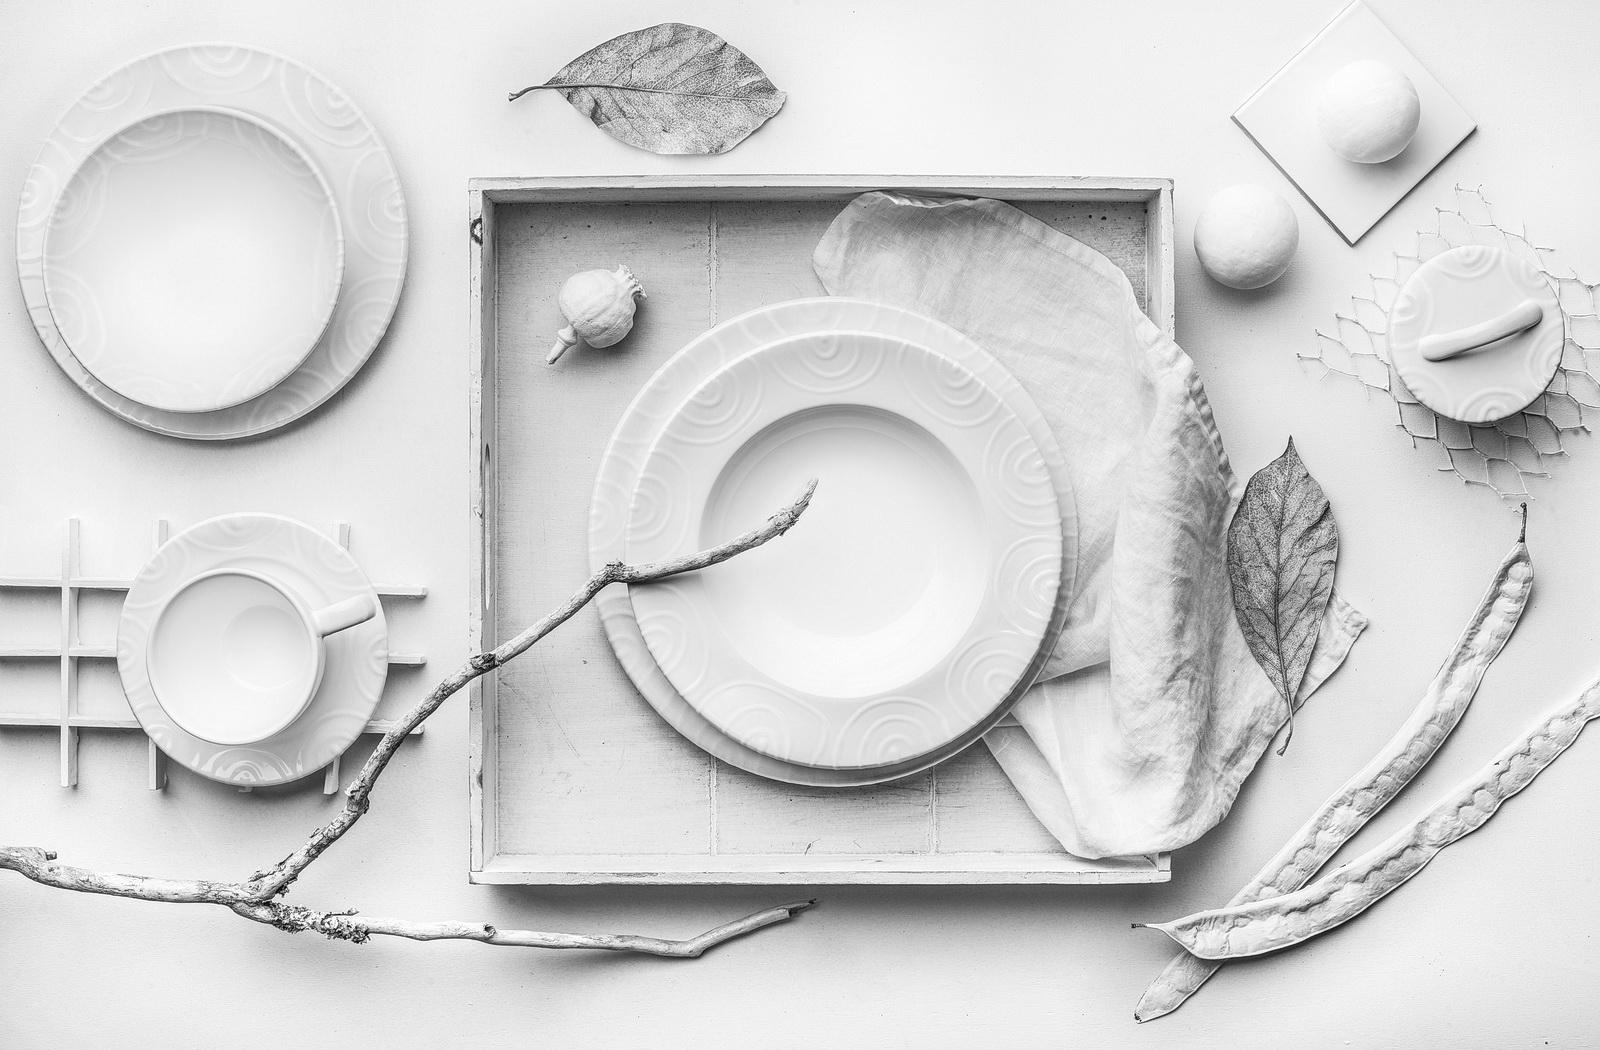 Gmundner Keramik - Weissgeflammt